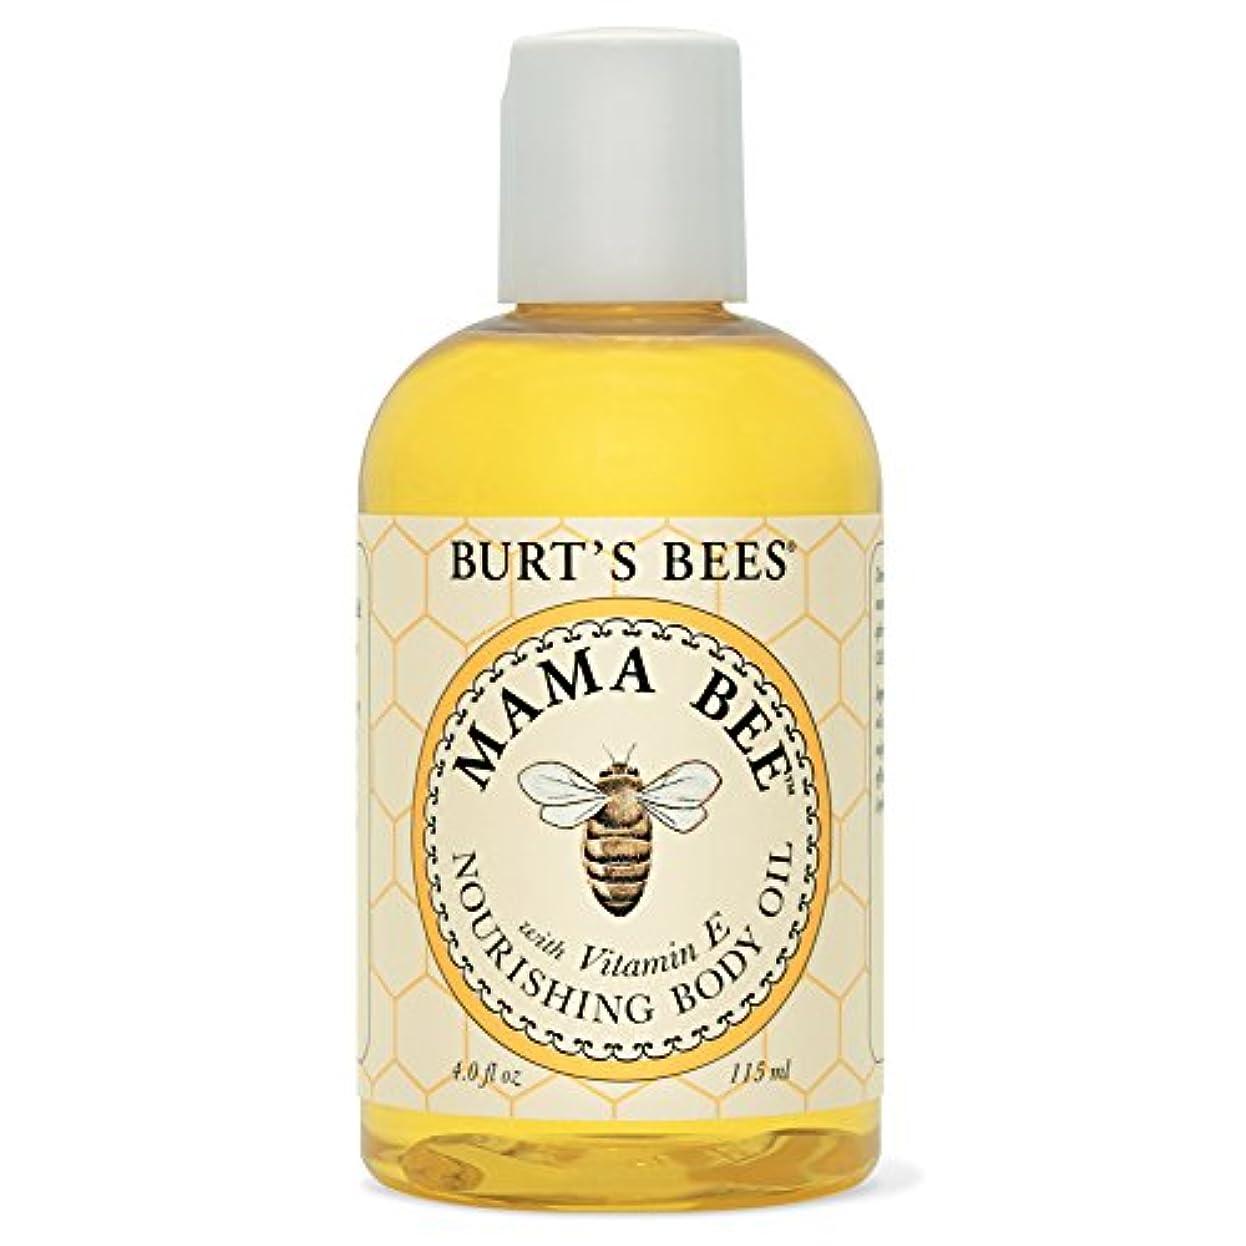 と組む平らな不公平バーツビーママ蜂栄養ボディオイル115ミリリットル (Burt's Bees) (x2) - Burt's Bees Mama Bee Nourishing Body Oil 115ml (Pack of 2) [並行輸入品]